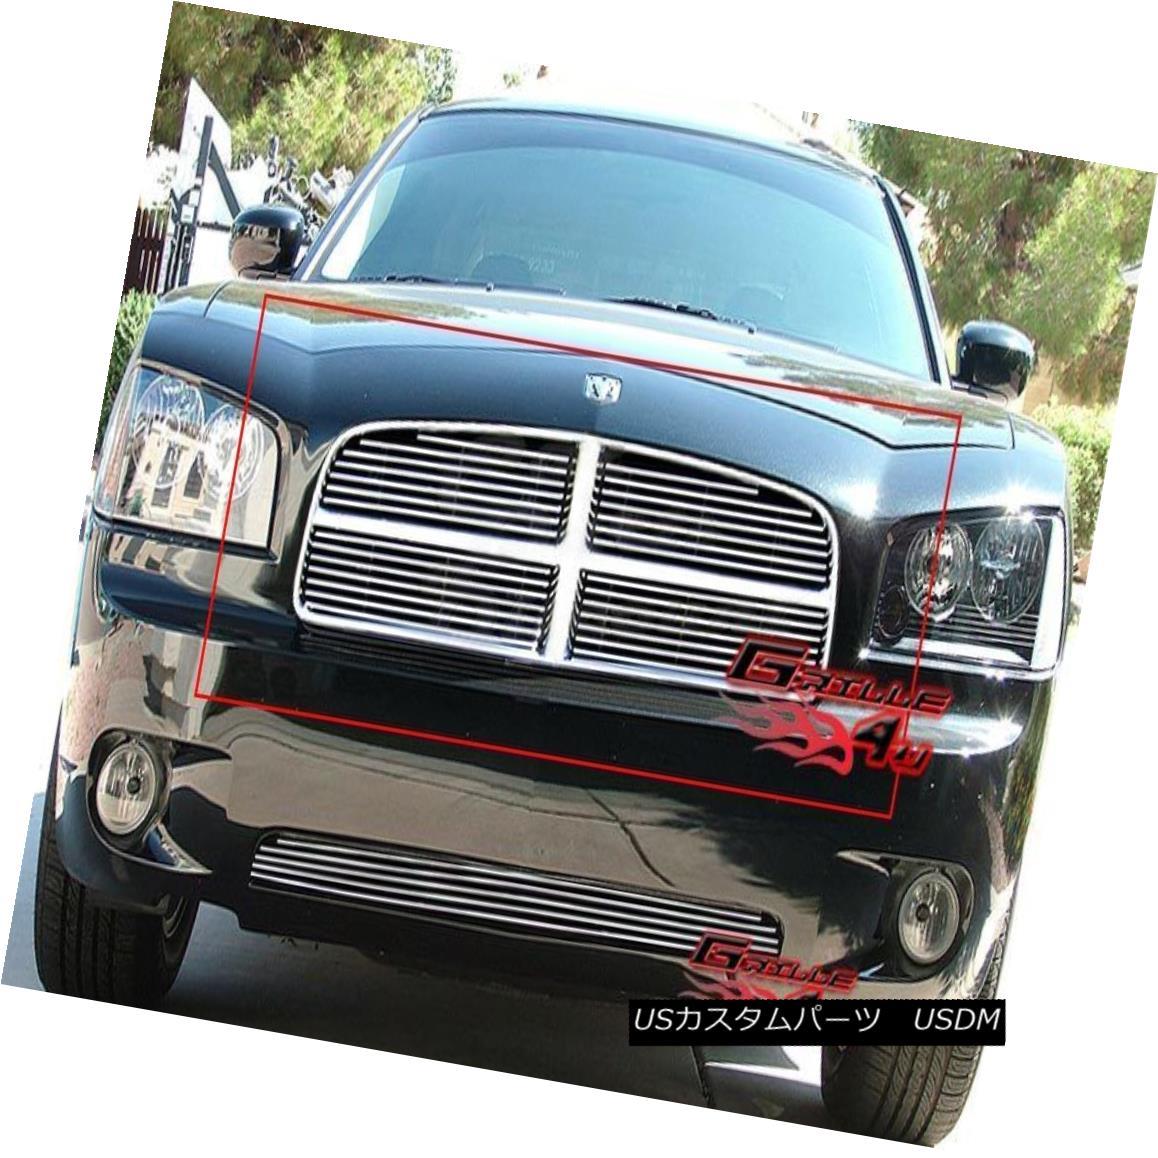 グリル Fits 05-10 Dodge Charger Main Upper Billet Grille Insert フィッティング05-10ダッジチャージャーメインアッパービレットグリルインサート